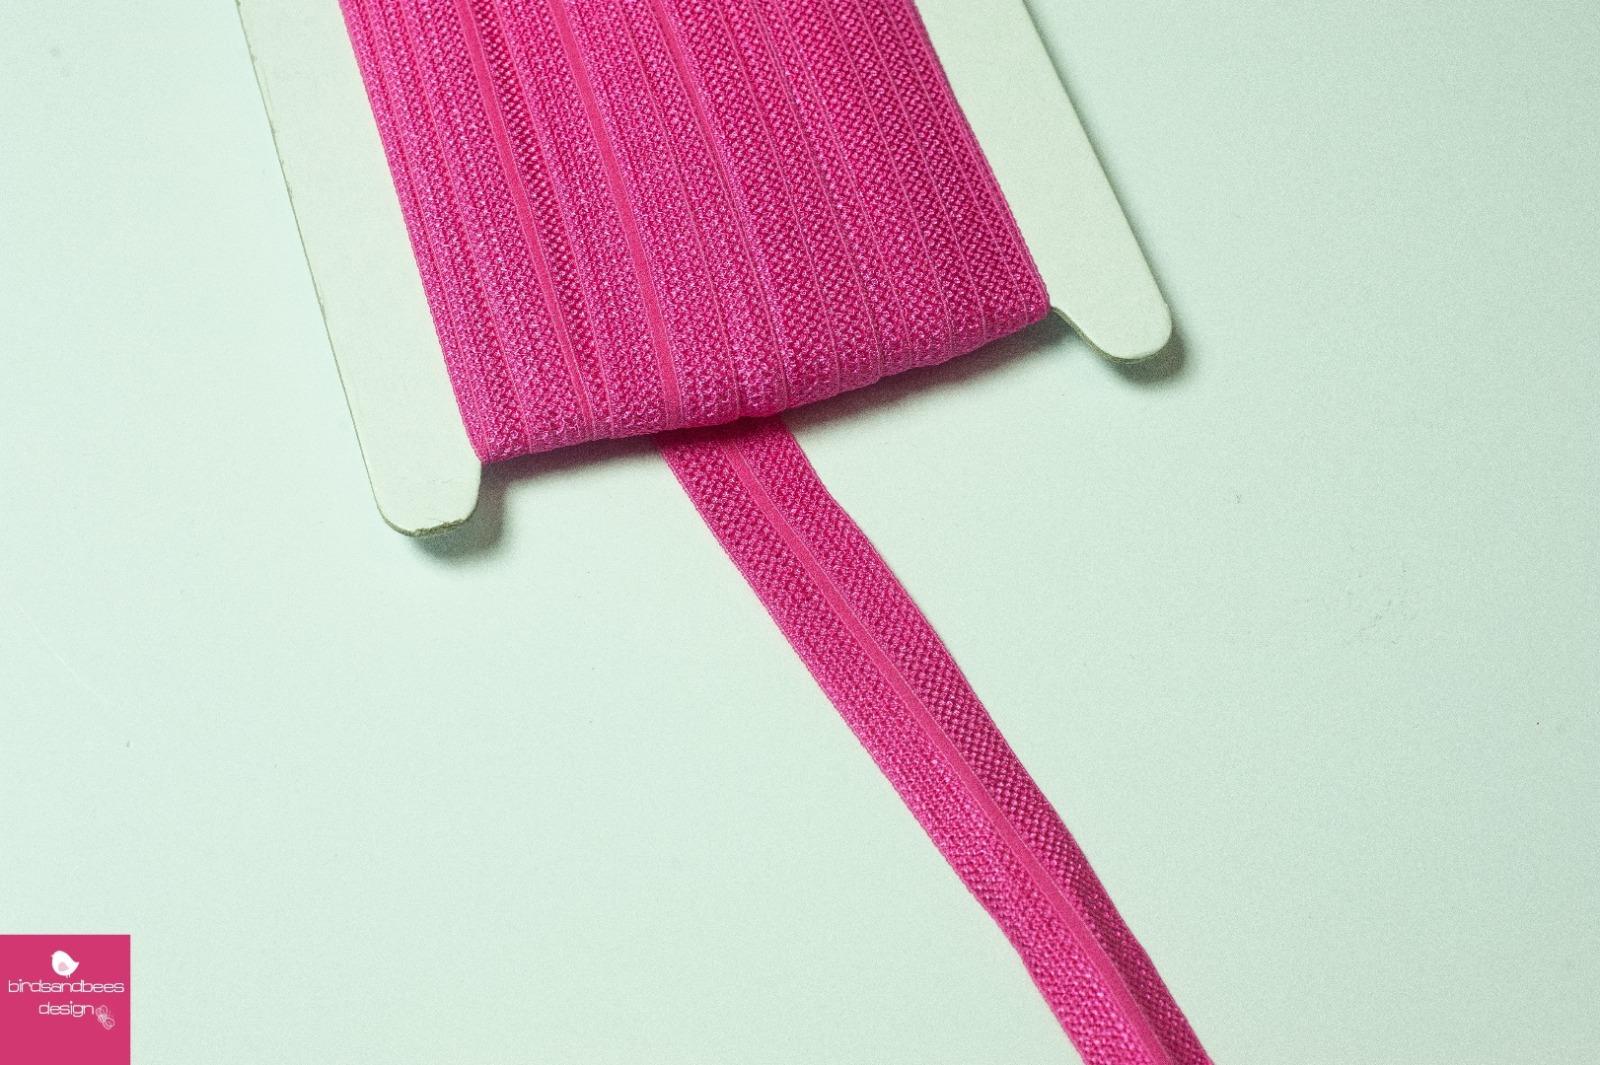 Faltgummi 1m 20mm - Pink